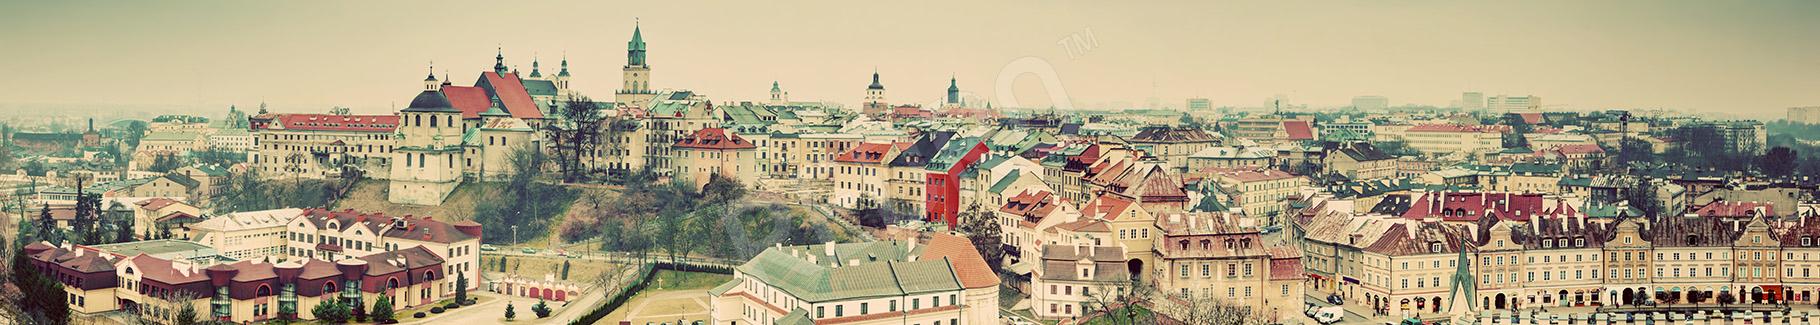 Fototapeta Lublin vintage